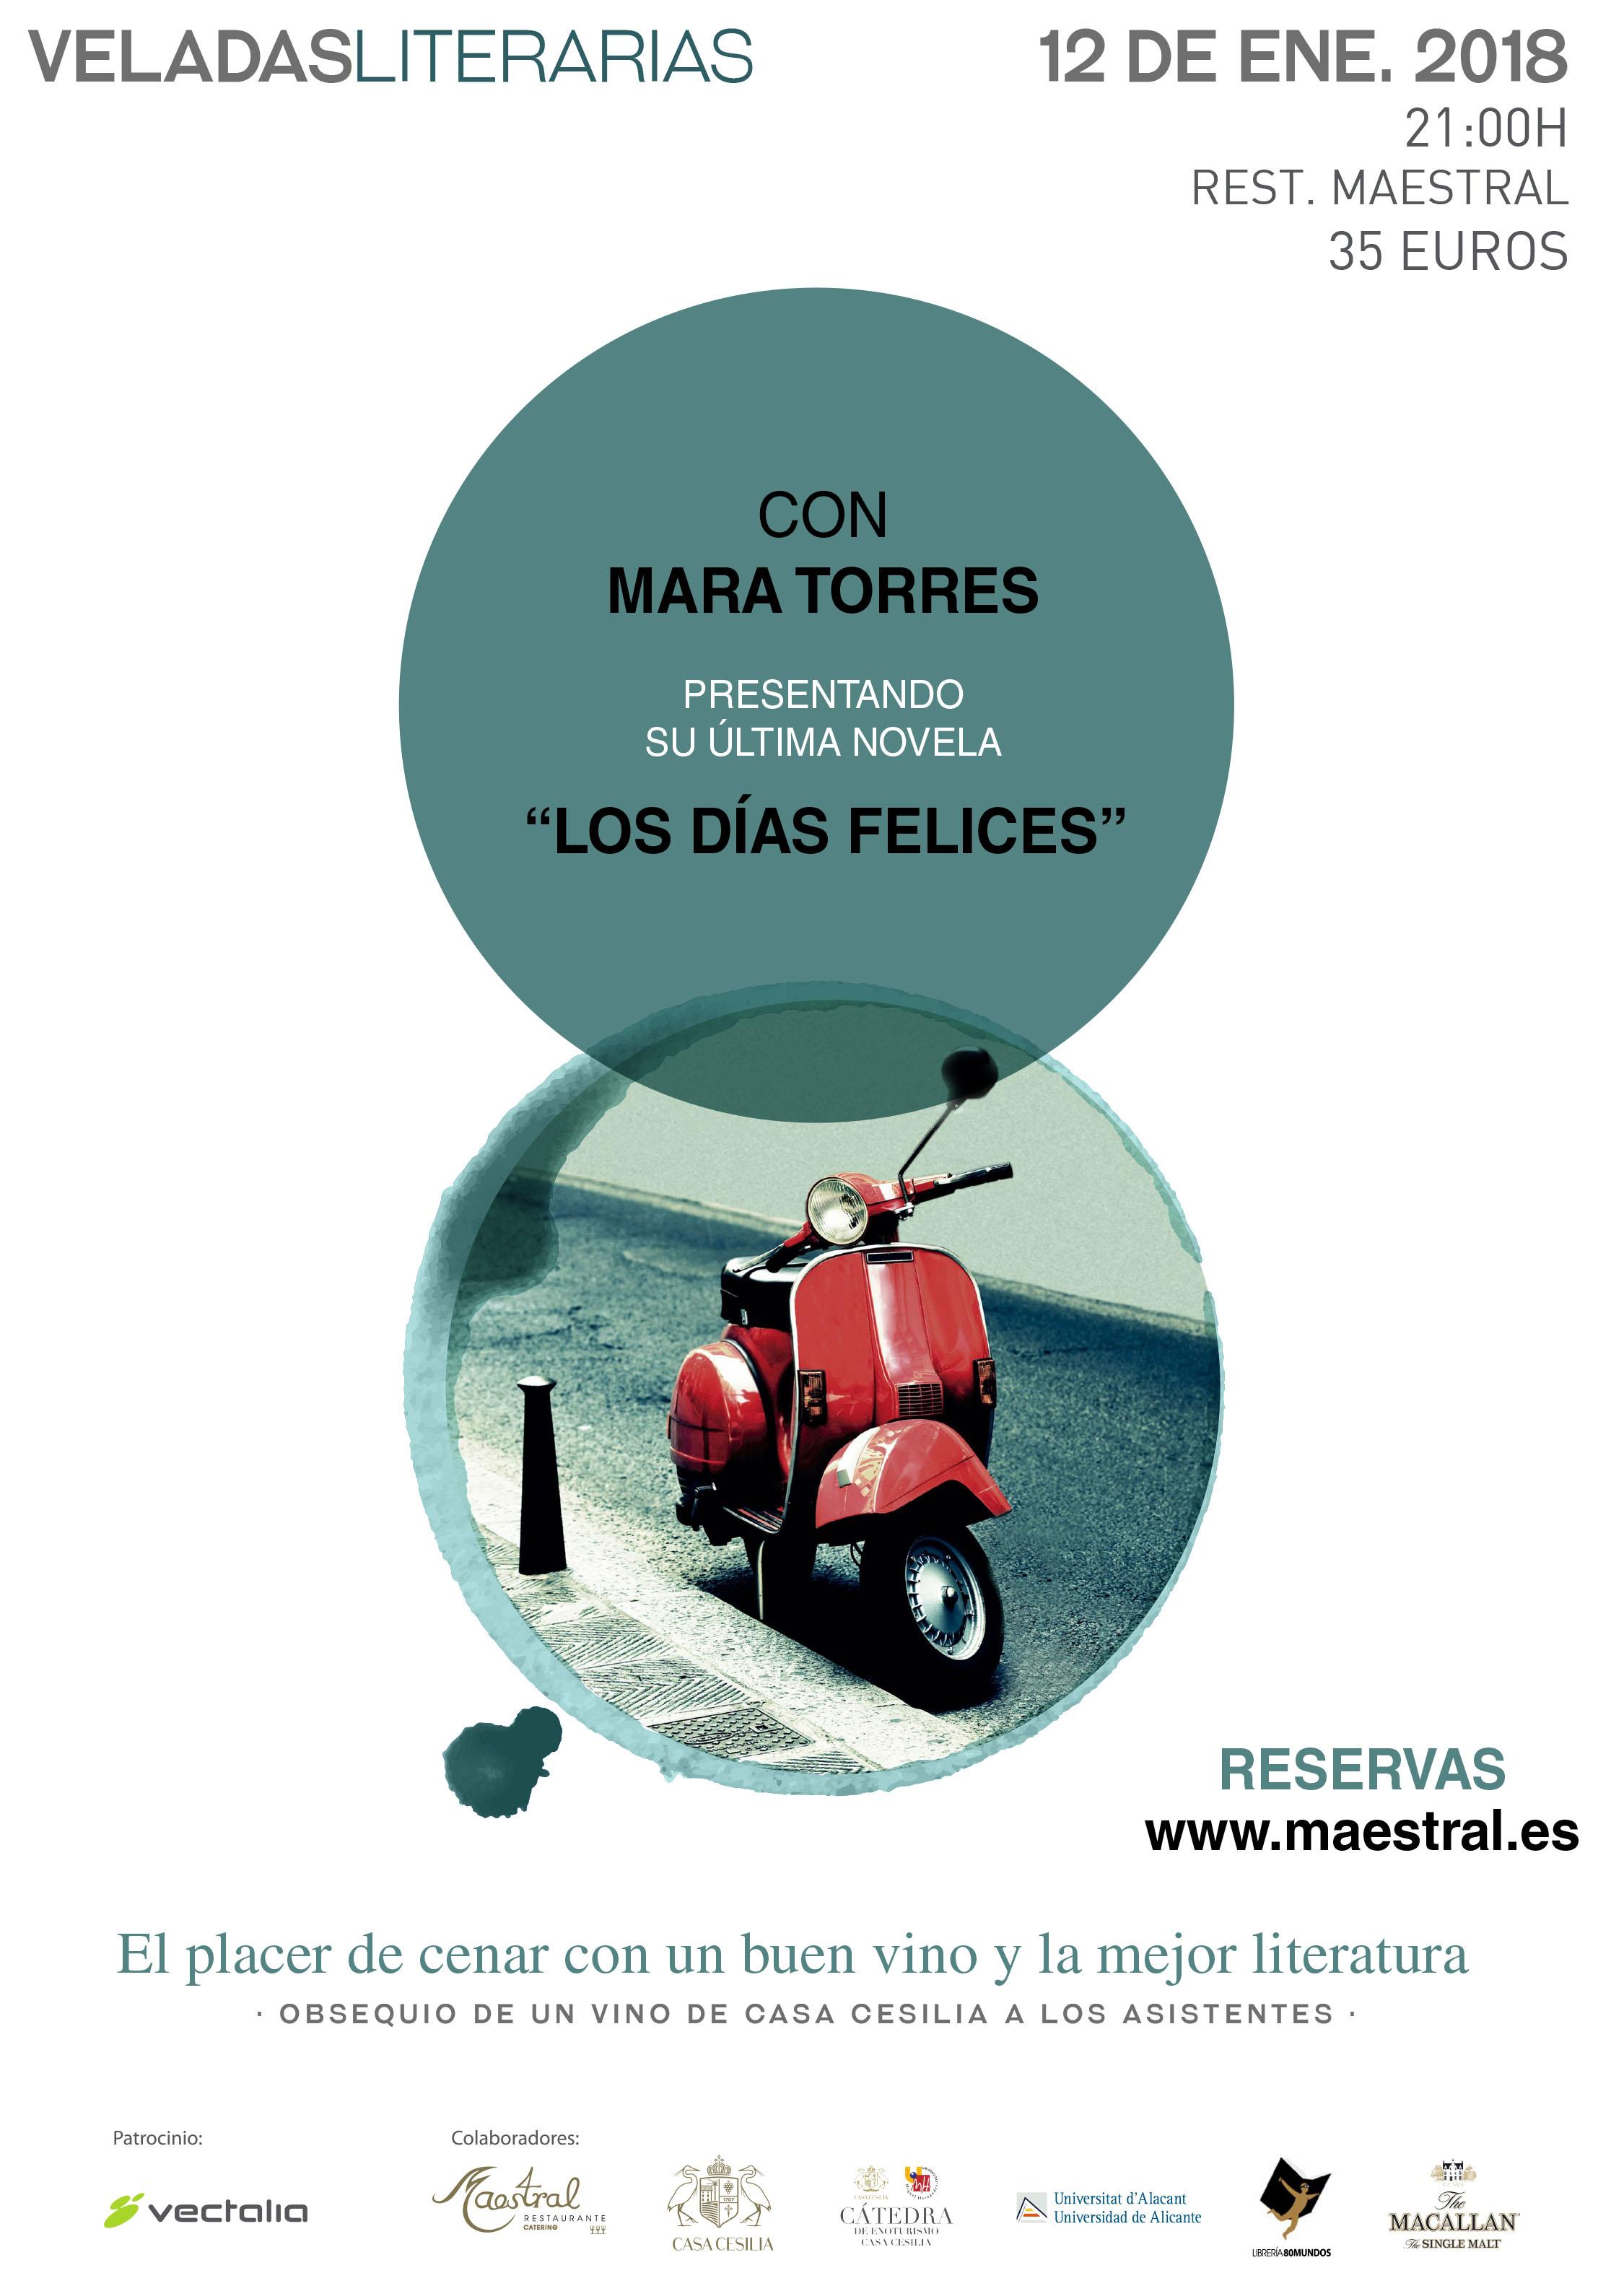 Mara Torres en las Veladas Literarias Maestral